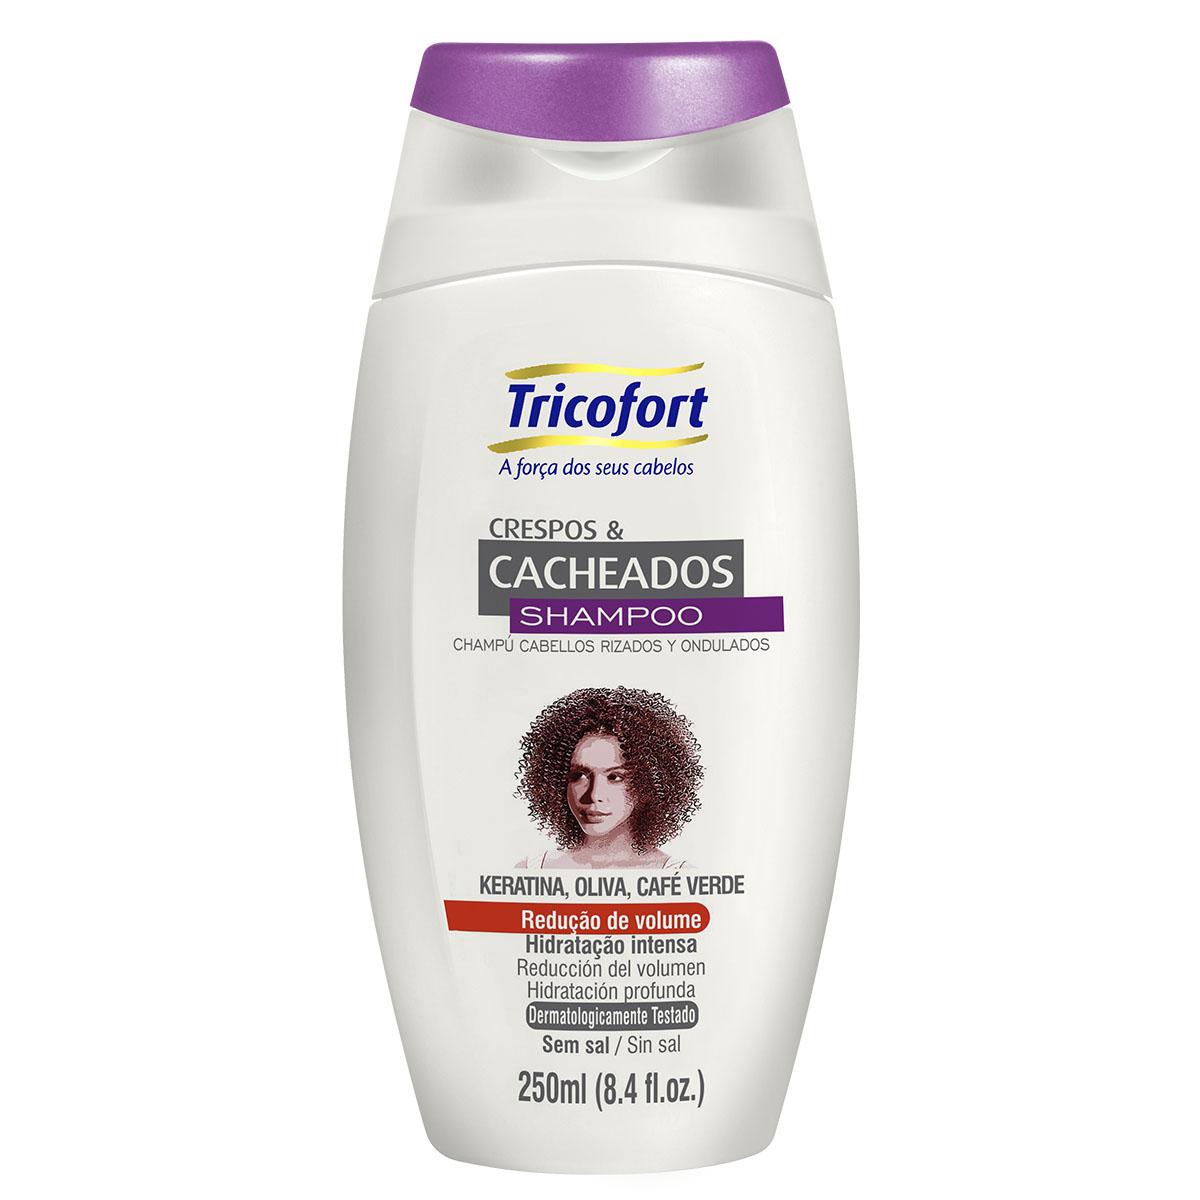 Shampoo Crespos e Cacheados 250ml - Tricofort